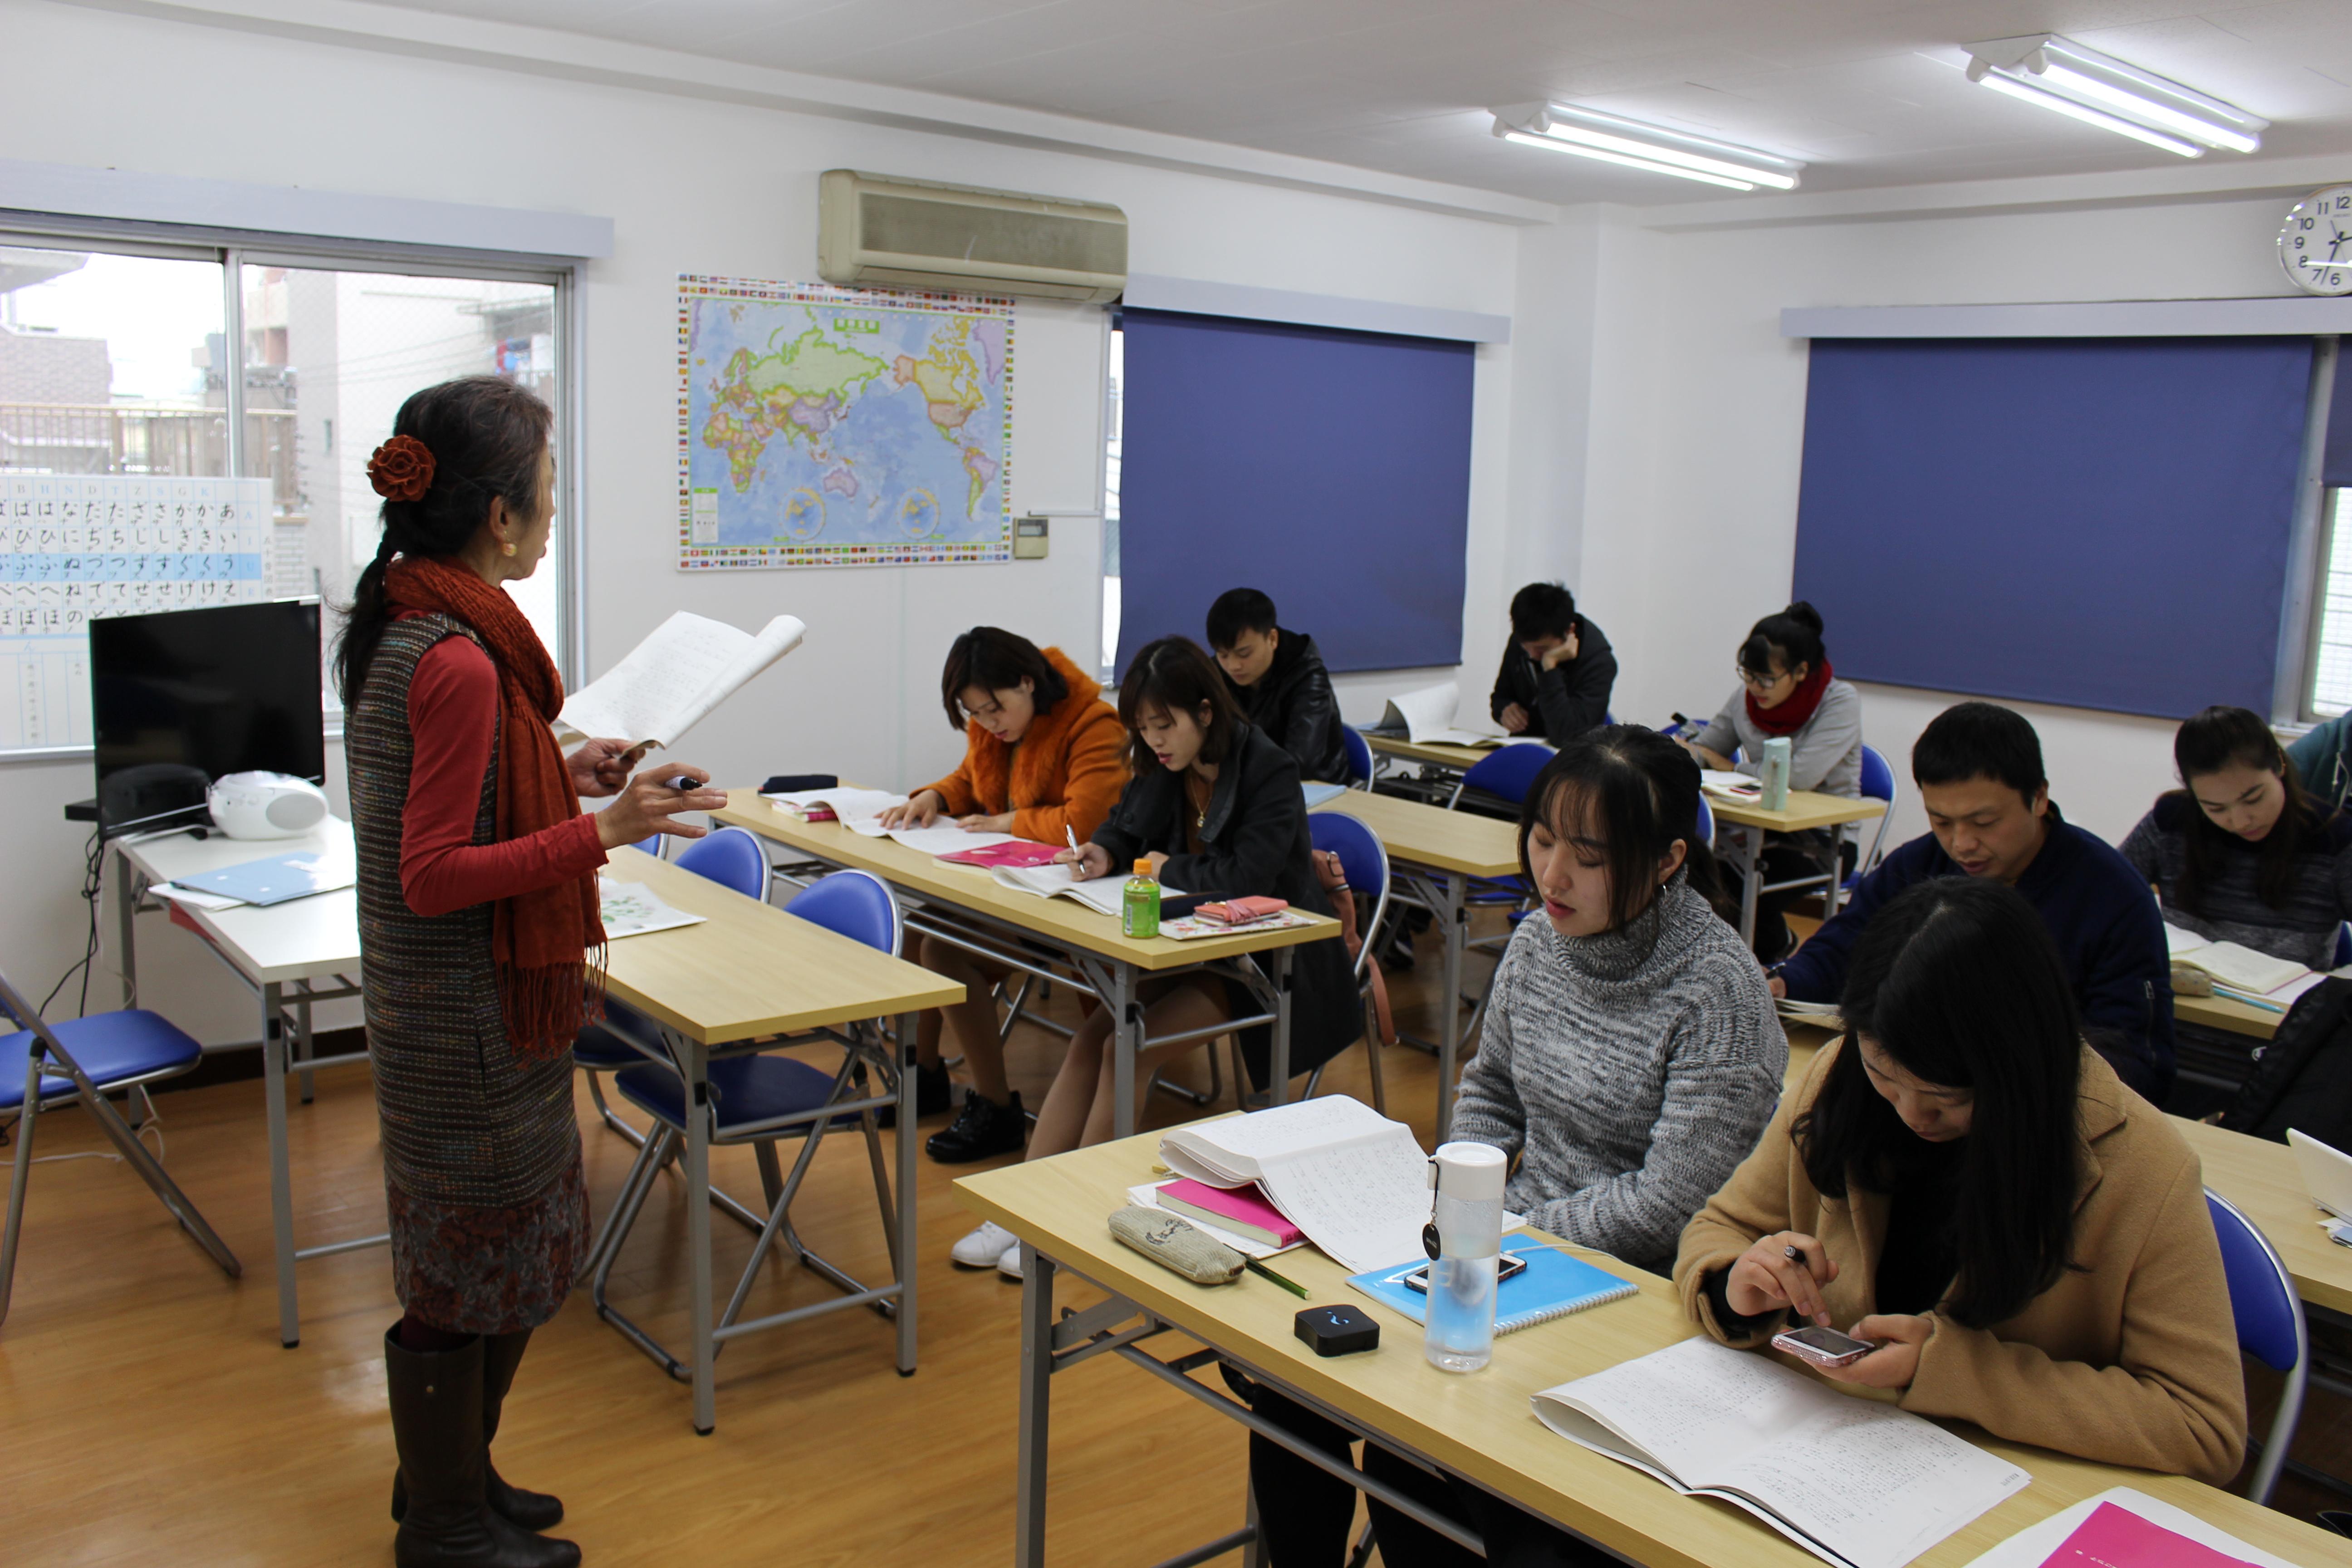 Tokyo Fuji Classroom